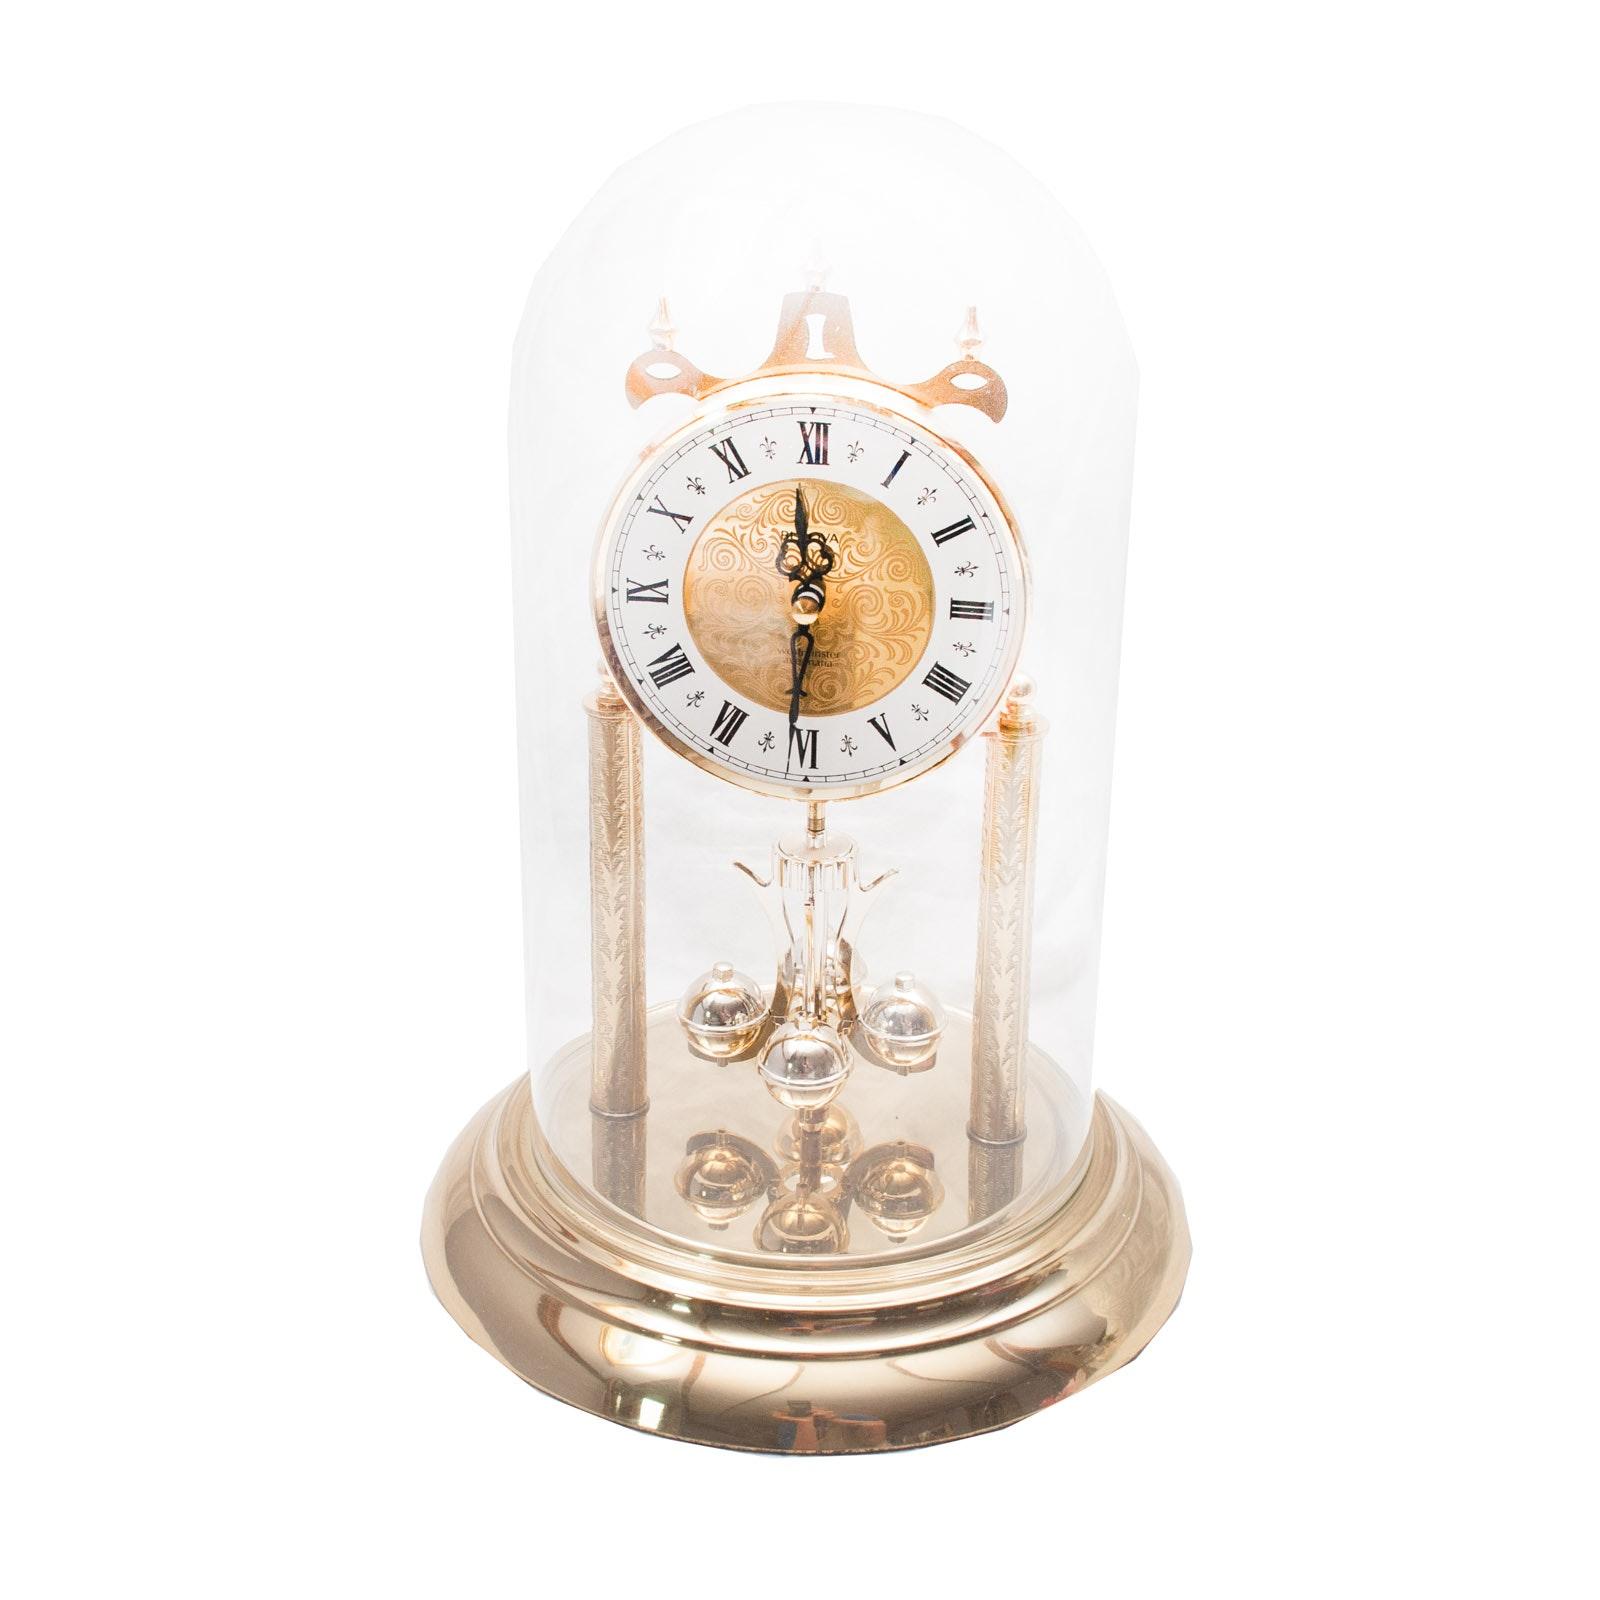 Bulova Westminster Quartz Anniversary Clock